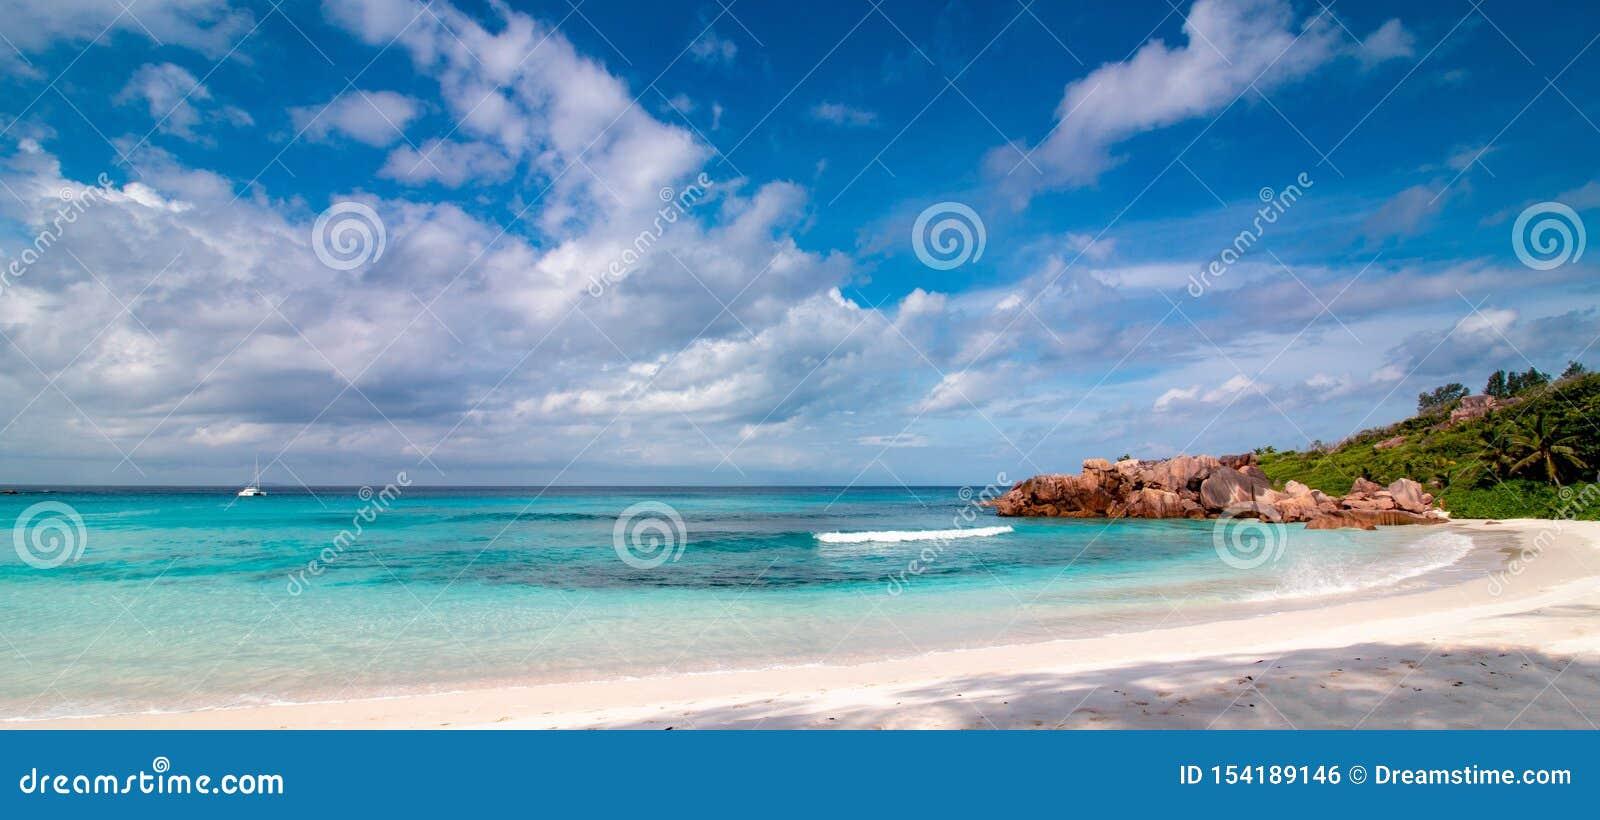 Panorama Seychelles Tropikalny plaży i turkusu ocean relaksować